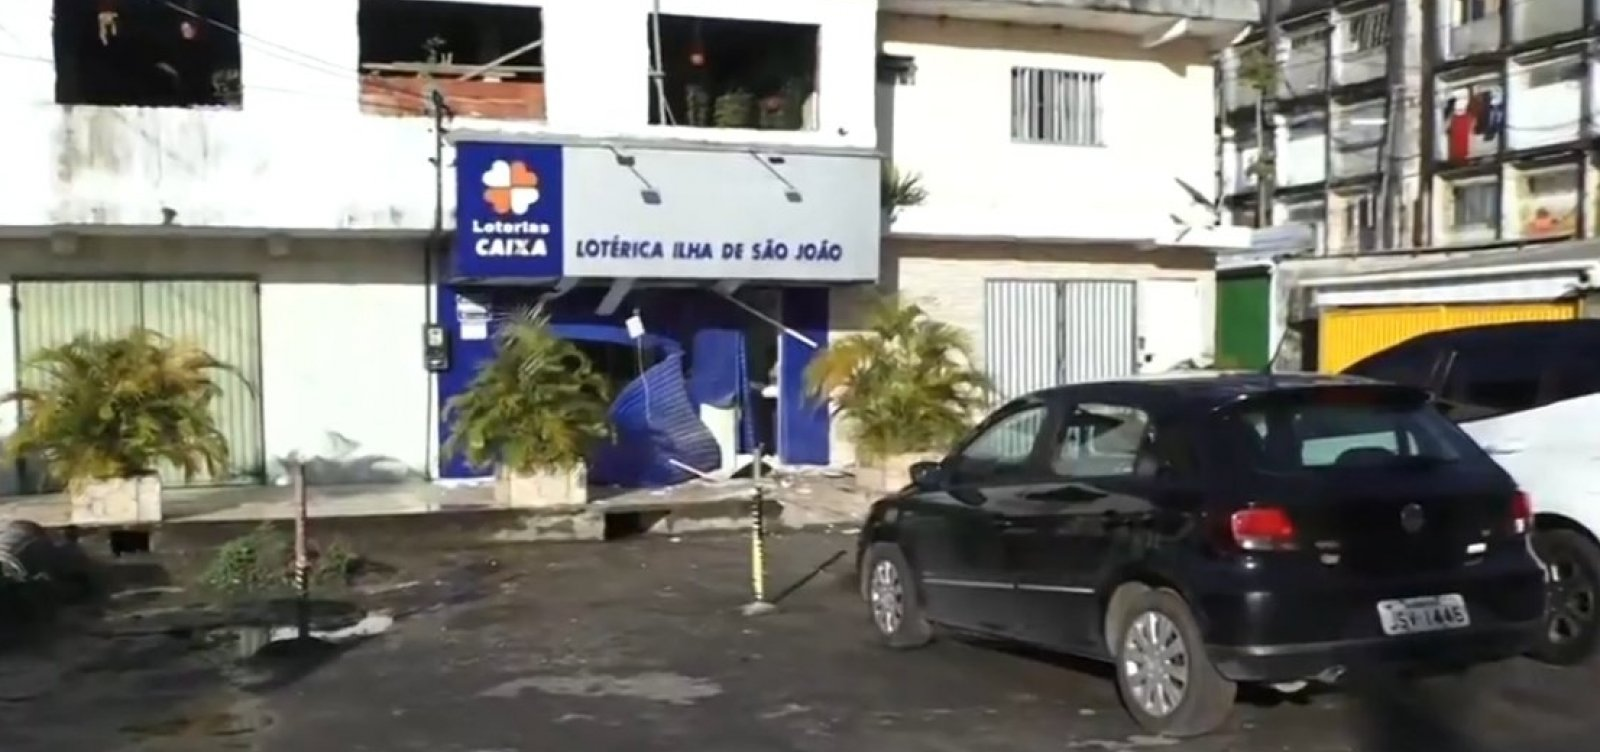 Casa lotérica é atacada com explosivos na Região Metropolitana